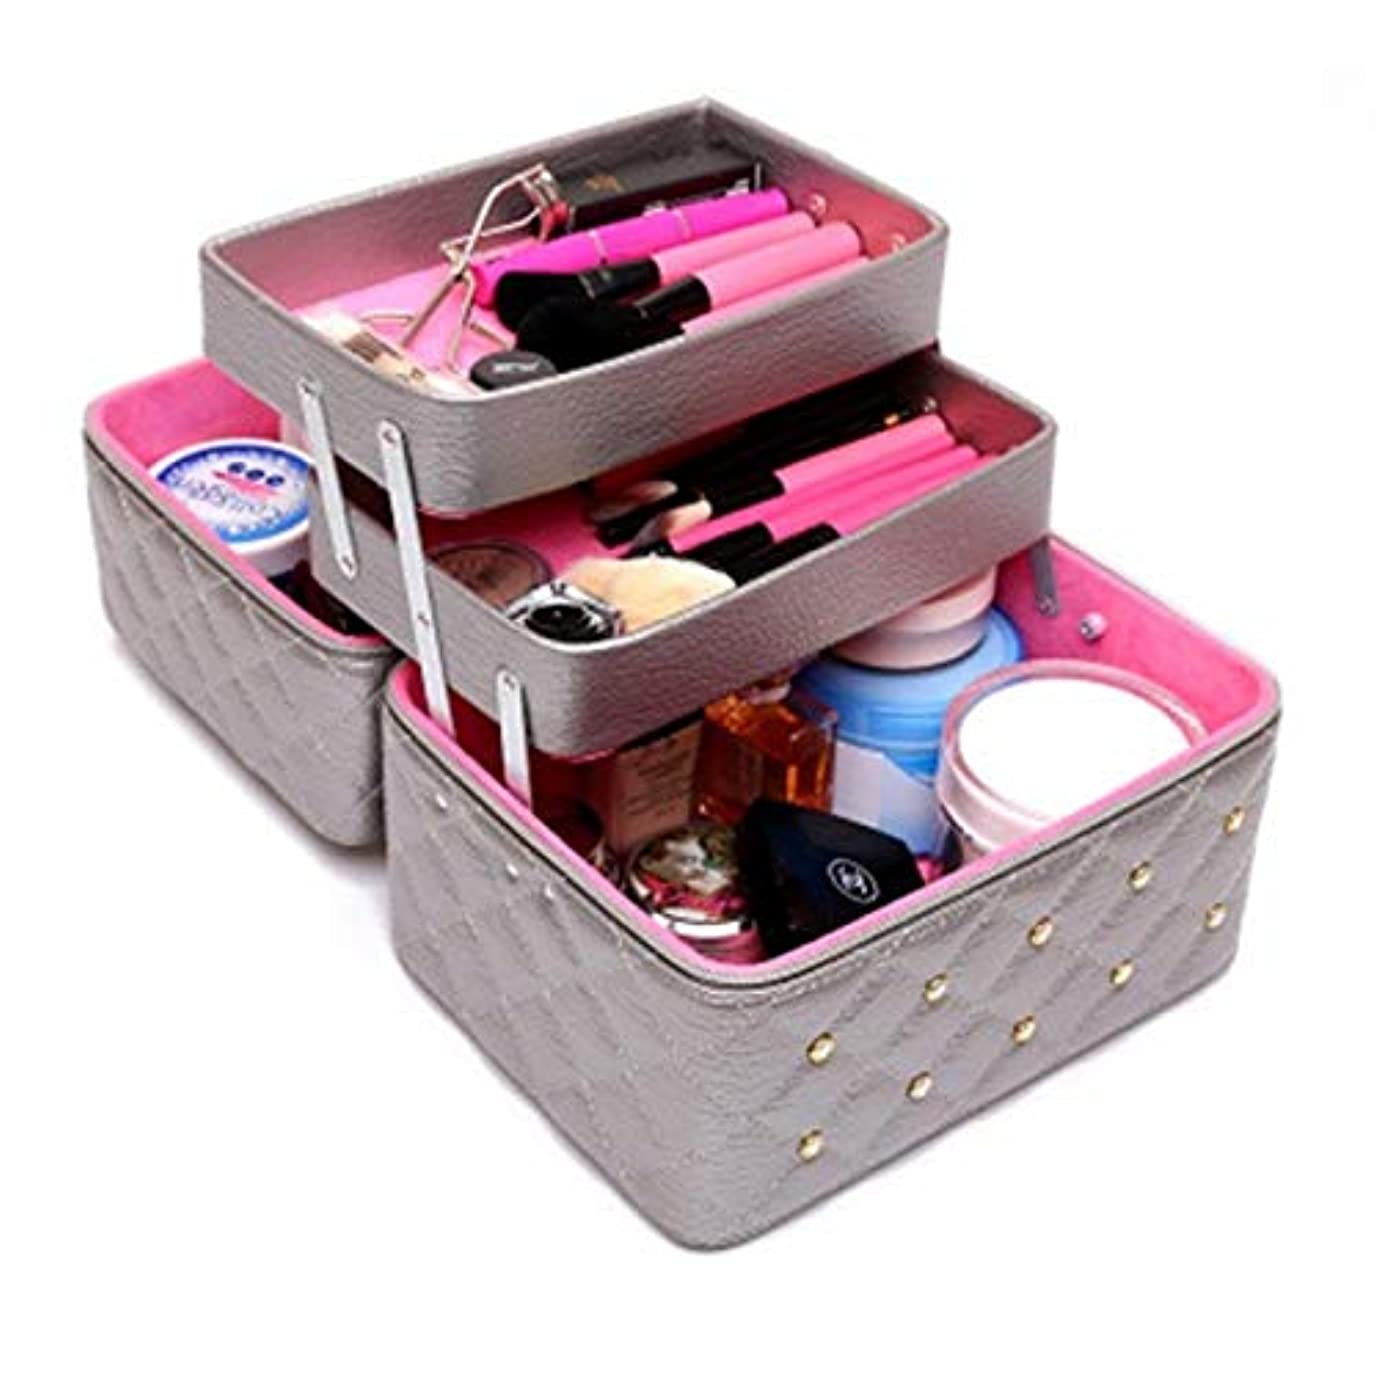 弱点手当観察持ち運びできる メイクボックス 大容量 取っ手付き コスメボックス 化粧品収納ボックス 収納ケース 小物入れ (ライトグレー)